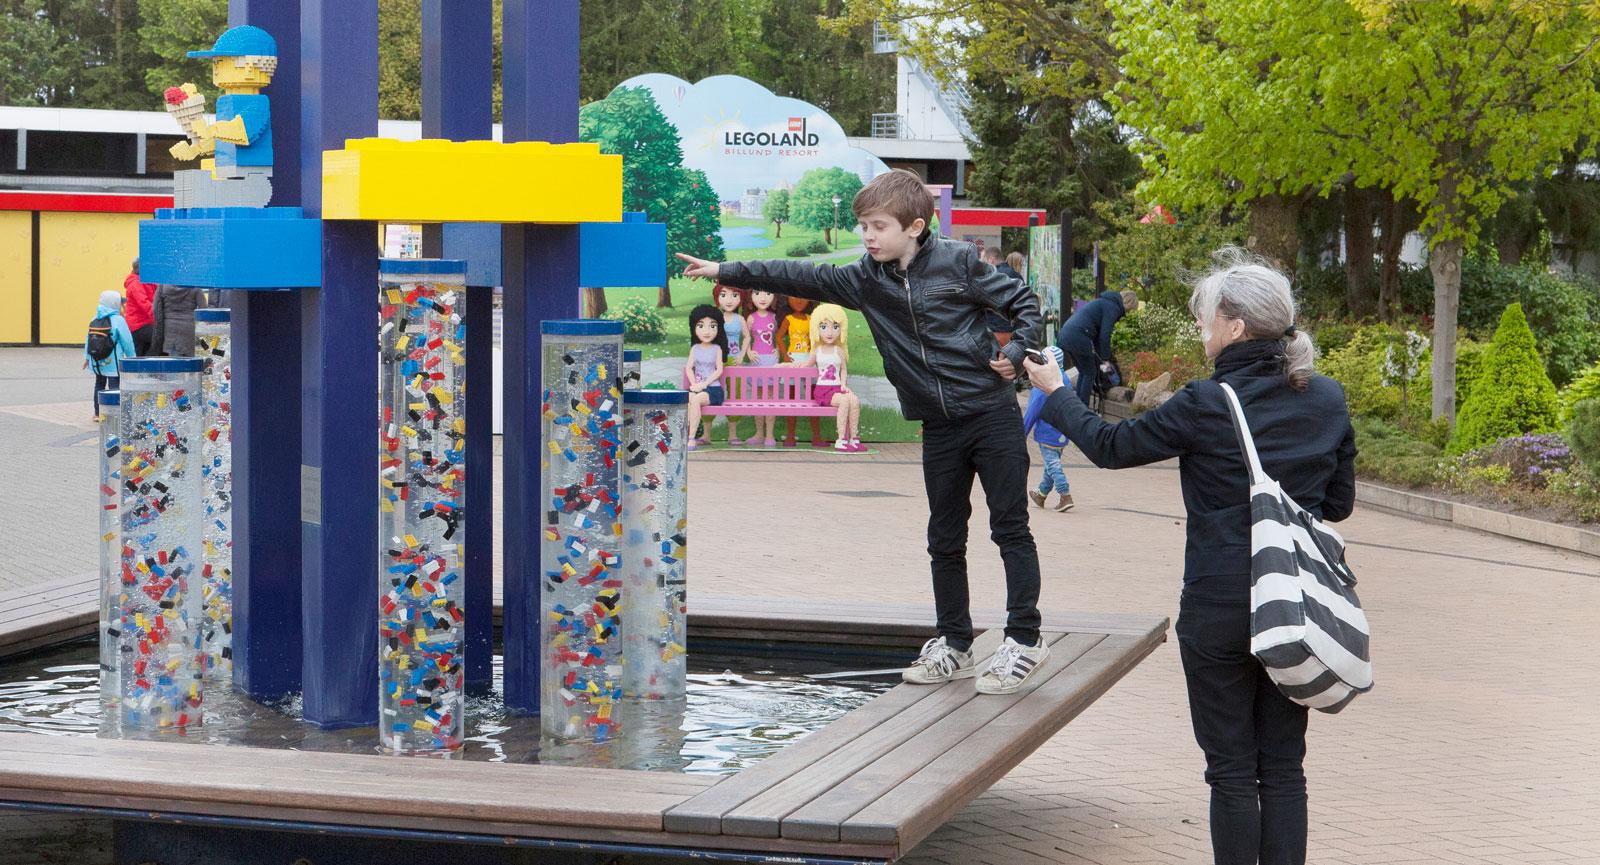 Legoland handlar givetvis om lego i alla dess former. En legofontän? Tja, varför inte!